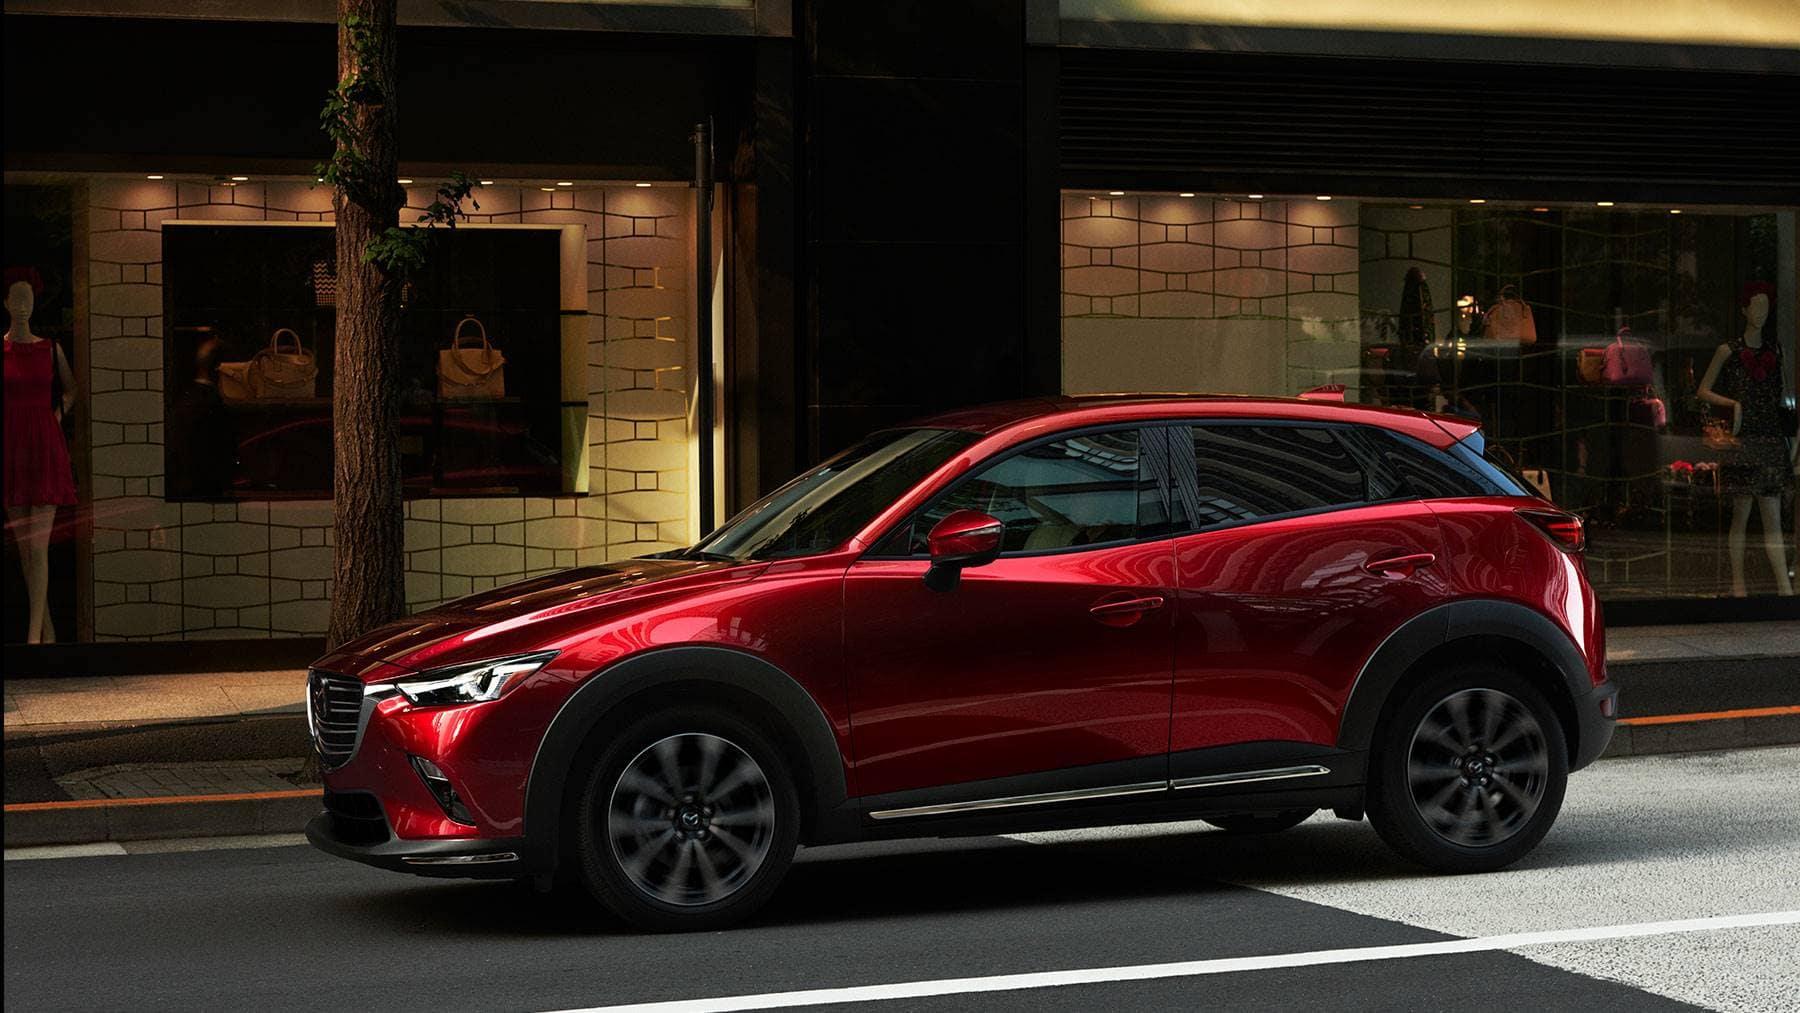 2019 Mazda CX-9 Silver Front Angle